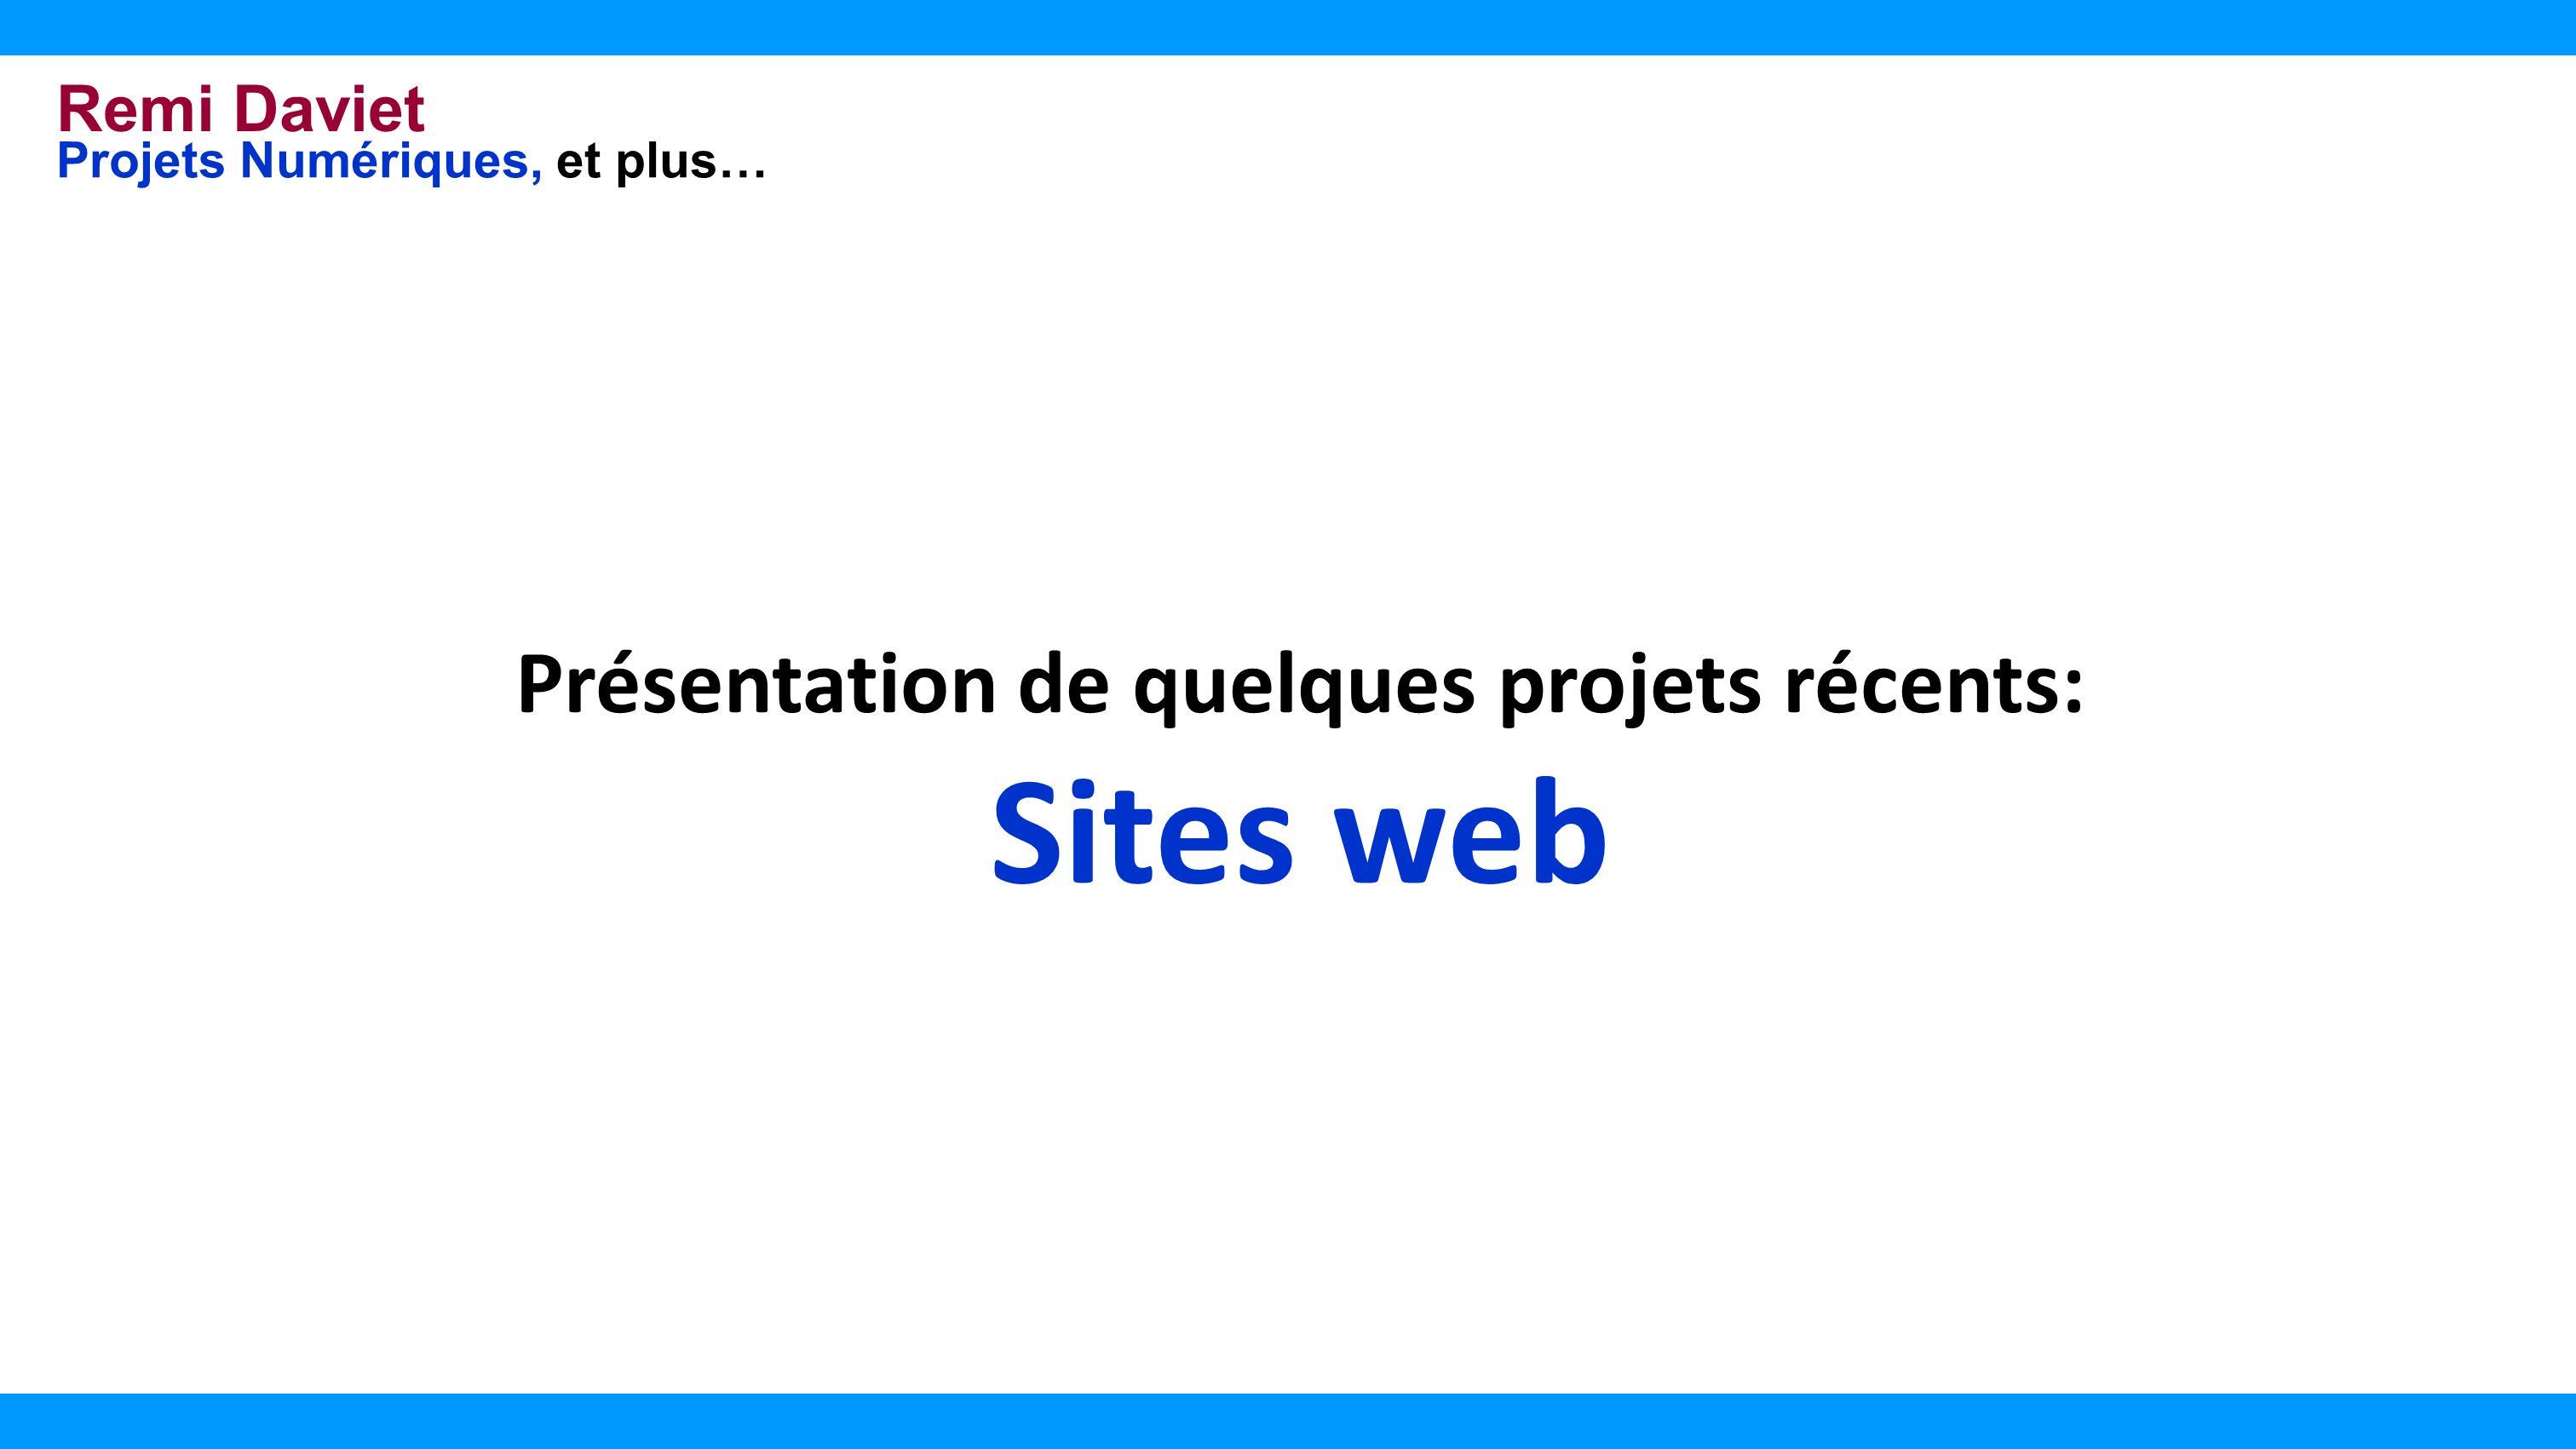 Remi Daviet Projets Numériques, et plus… Présentation de quelques projets récents: Sites web